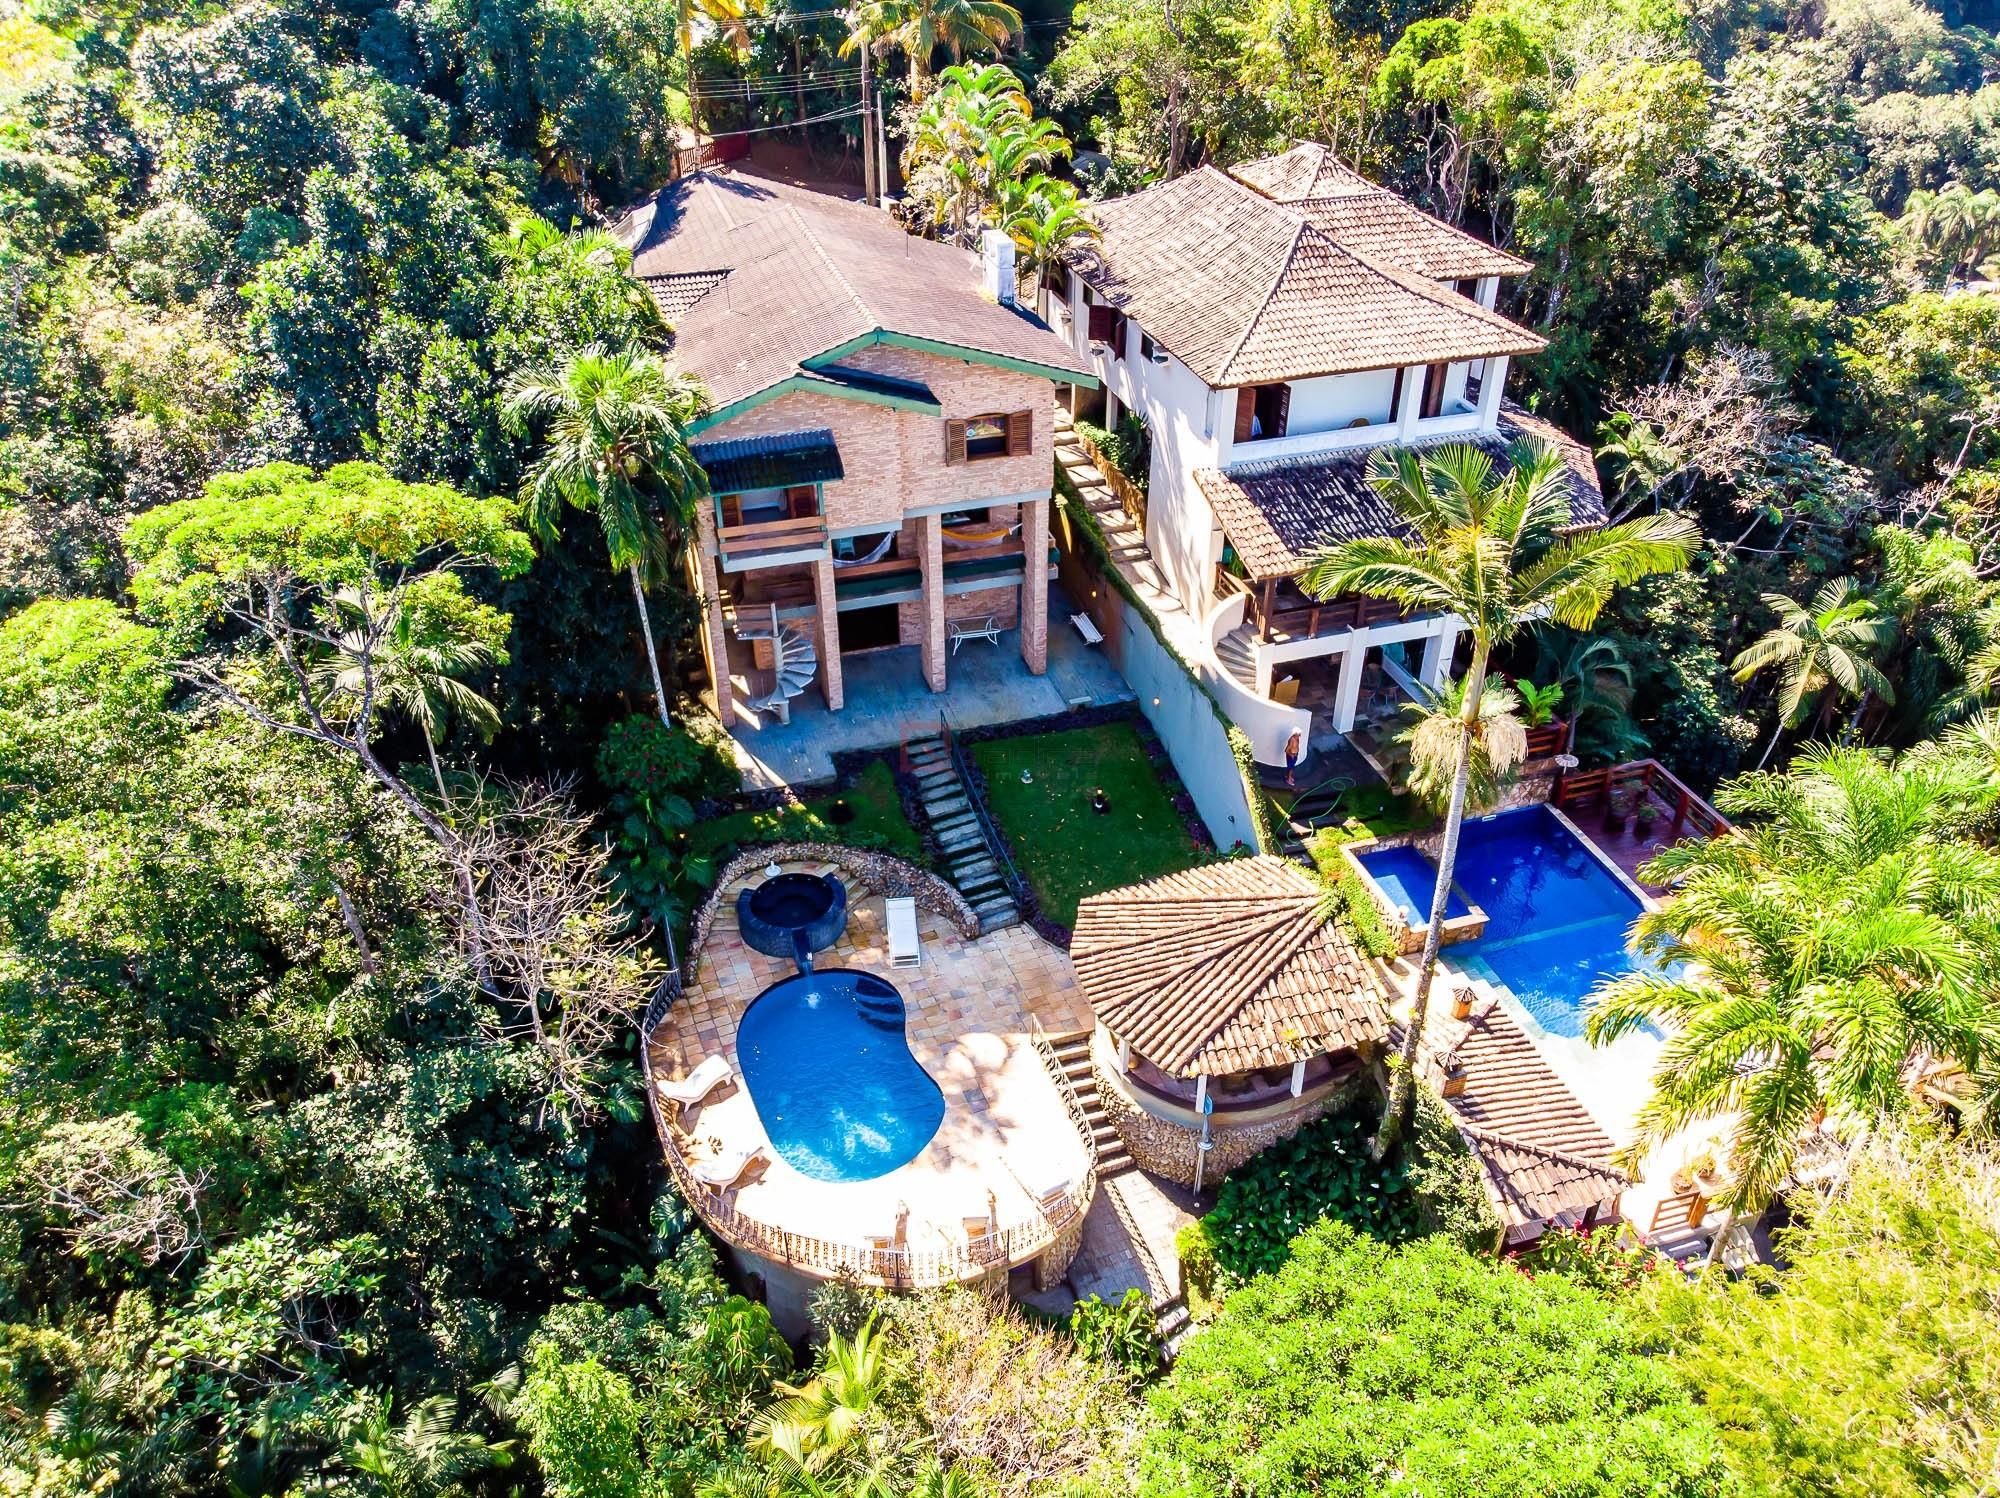 Casa em condomínio com 4 suítes à venda em UBATUBA, no bairro DOMINGAS DIAS